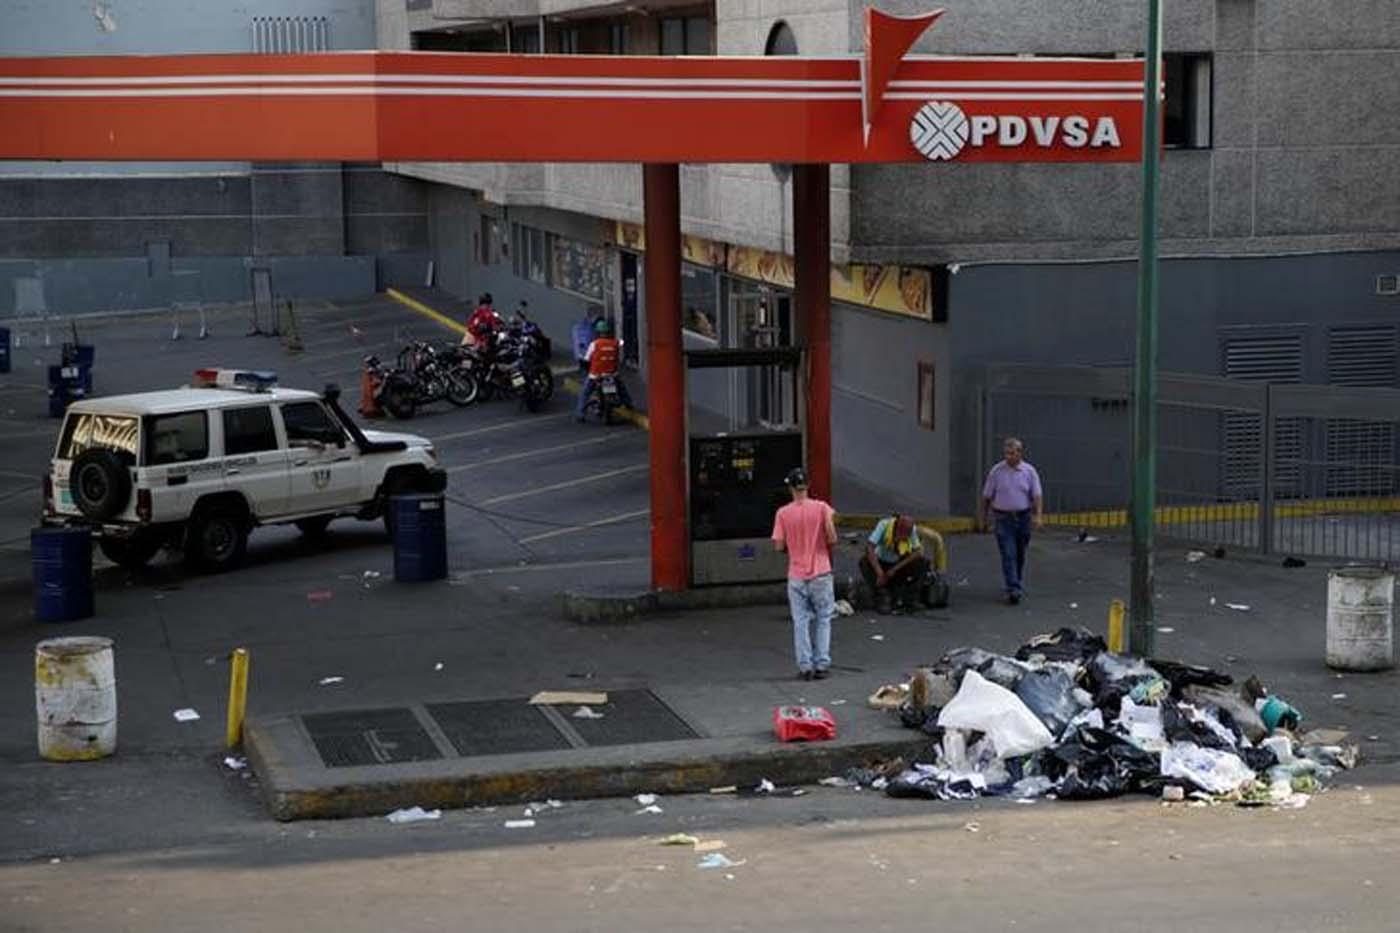 Foto de archivo. El logotipo corporativo de la petrolera estatal PDVSA se ve en una gasolinera en Caracas, Venezuela el 12 de abril de 2017. REUTERS/Marco Bello - RTS12R1K